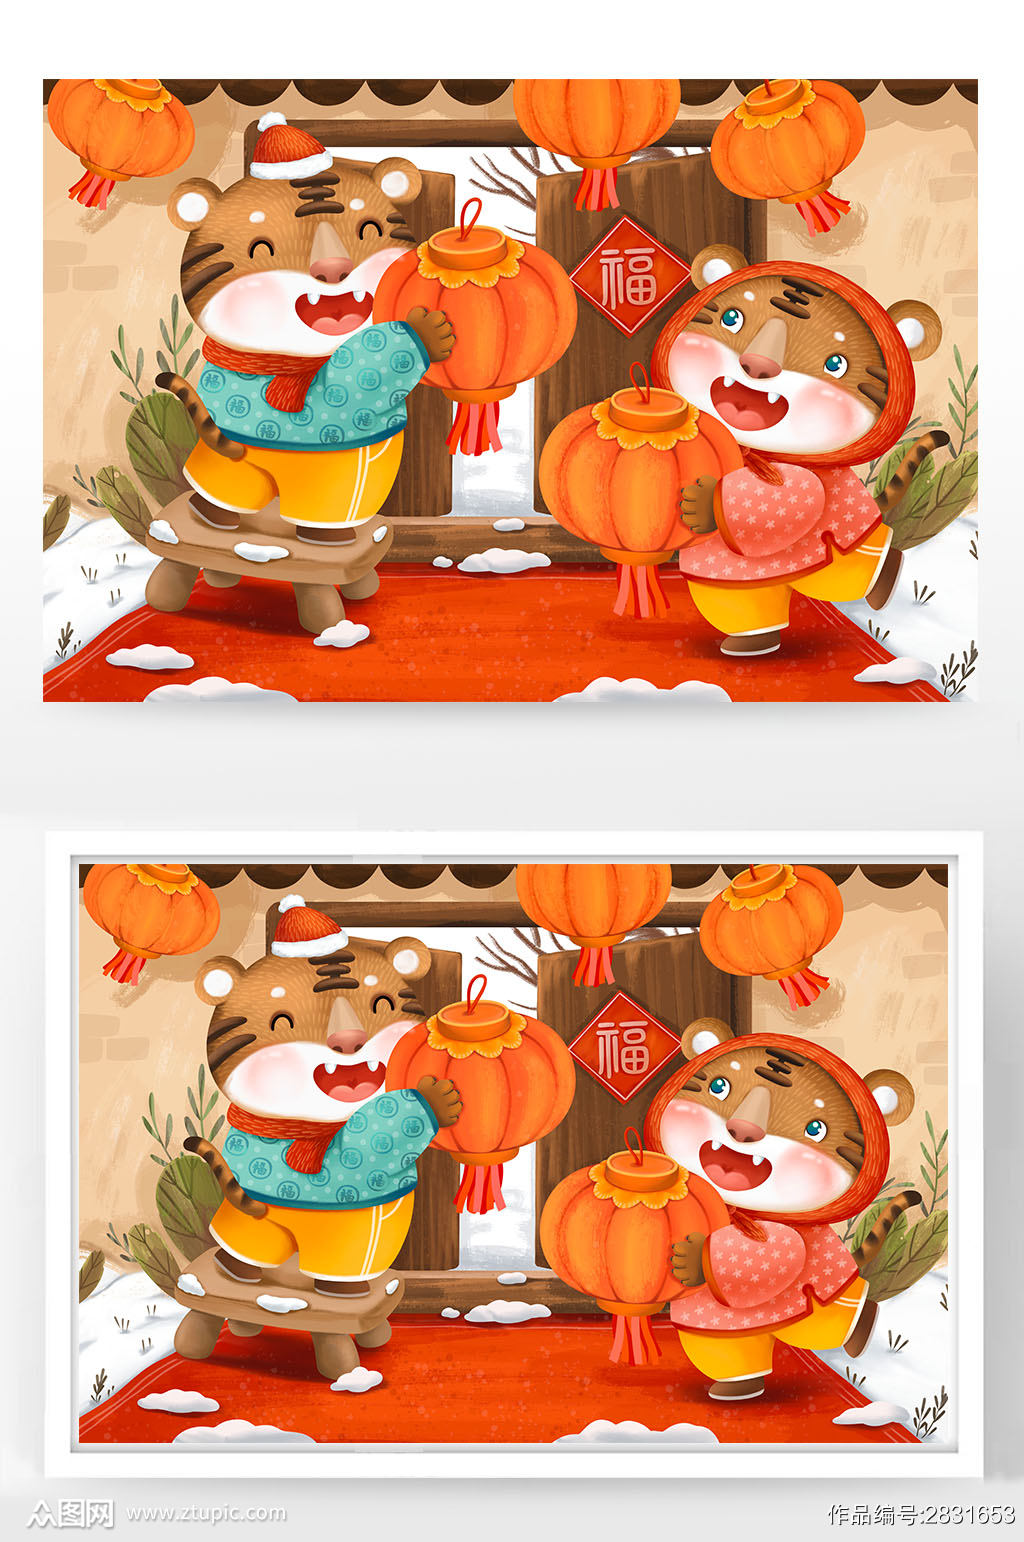 小老虎挂灯笼虎年春节小清新插画素材